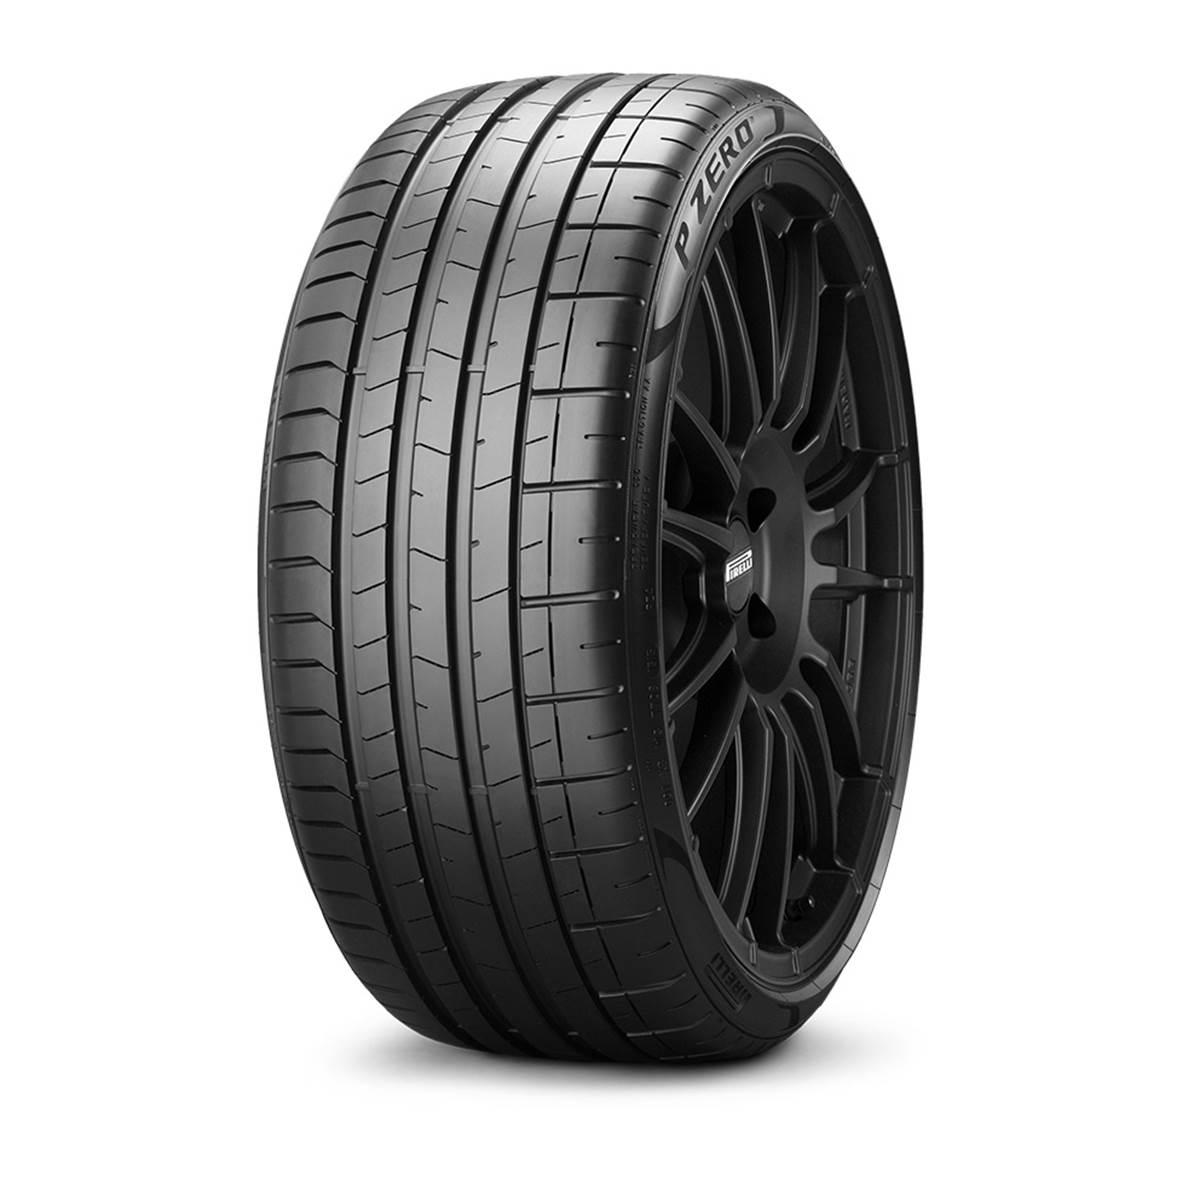 Pneu Pirelli 275/35R19 100Y Pzero XL